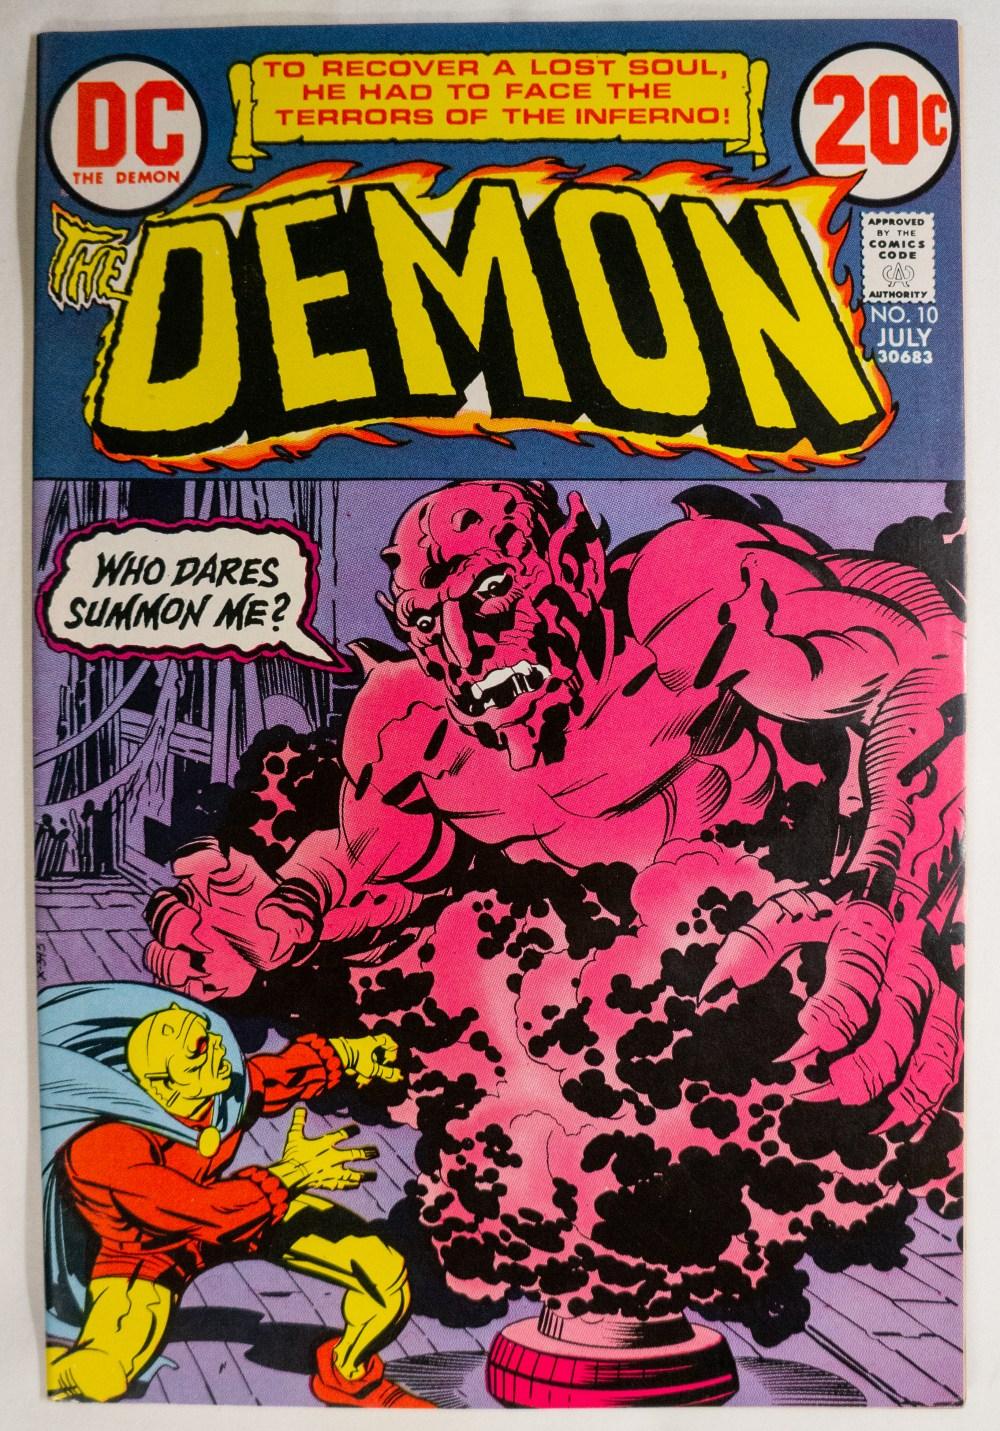 The Demon #10